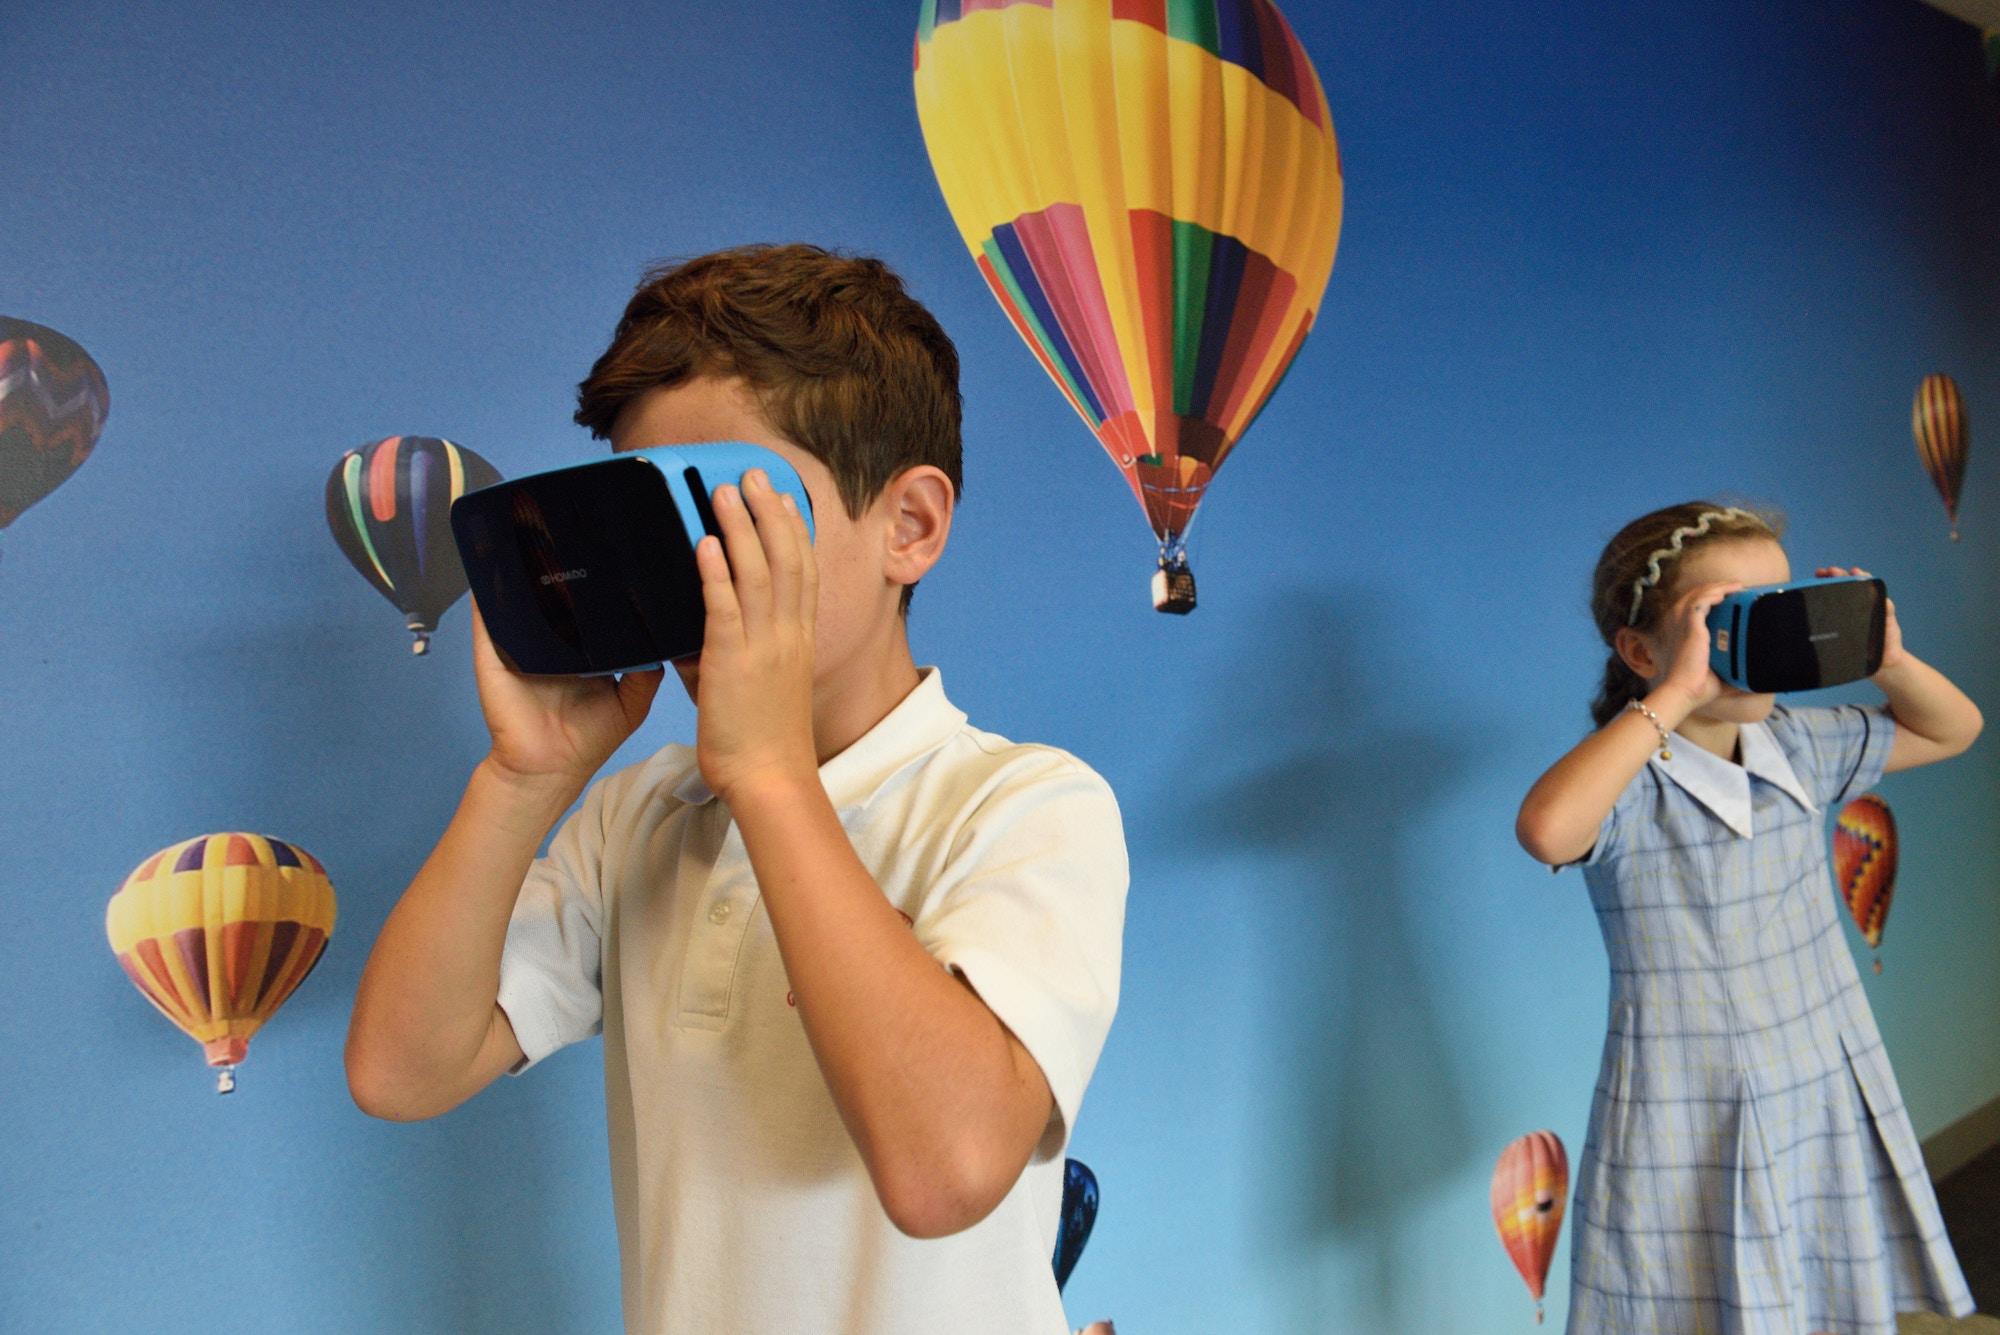 El potencial de la Realidad Virtual